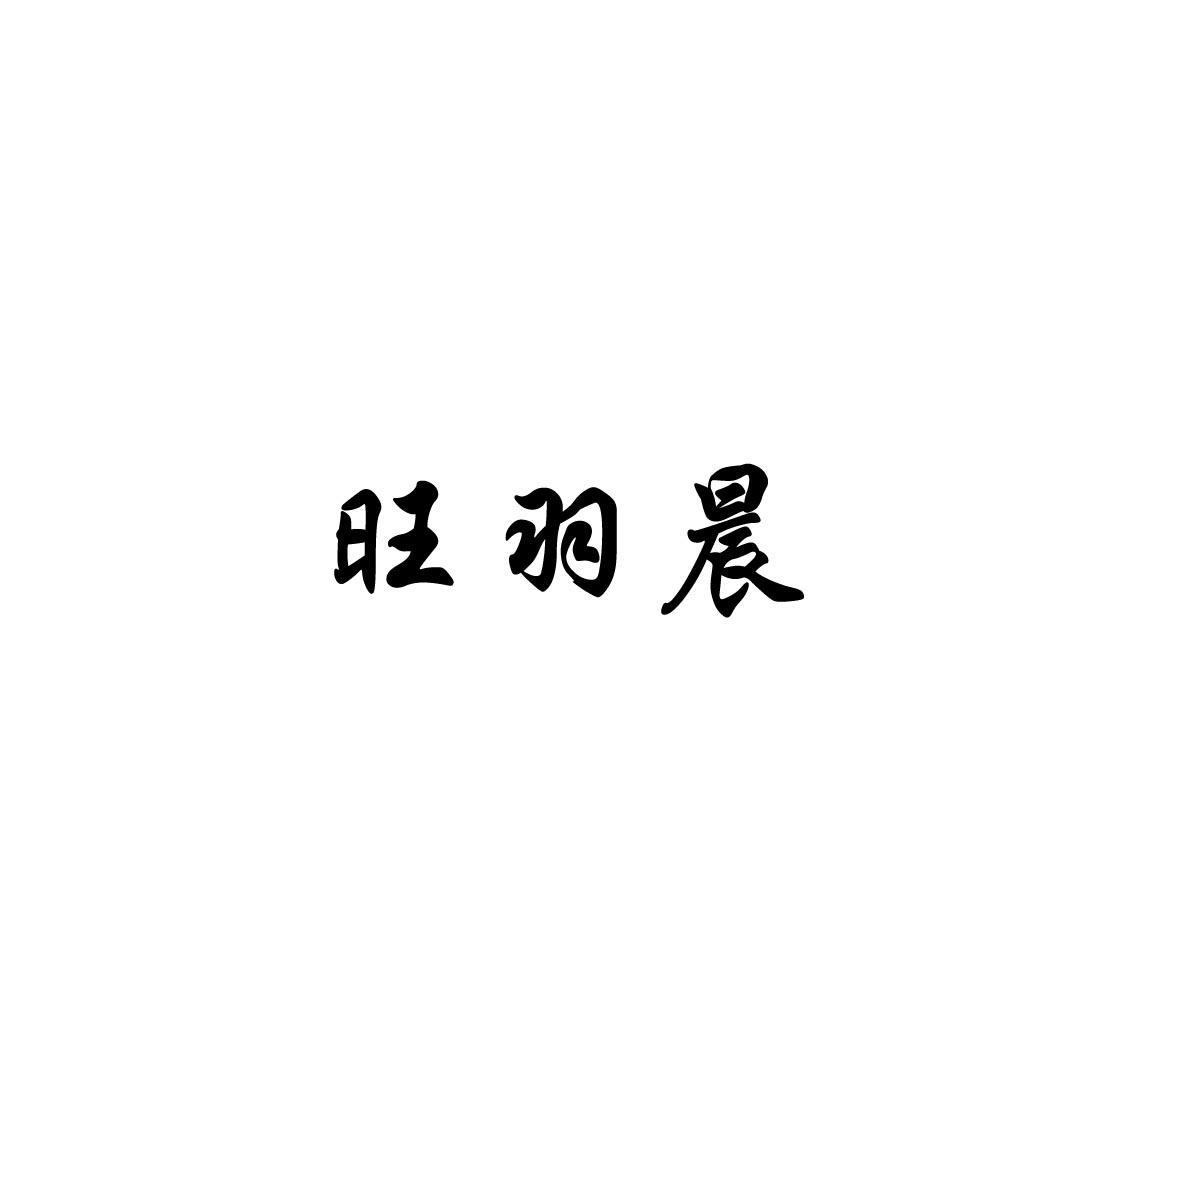 转让商标-旺羽晨